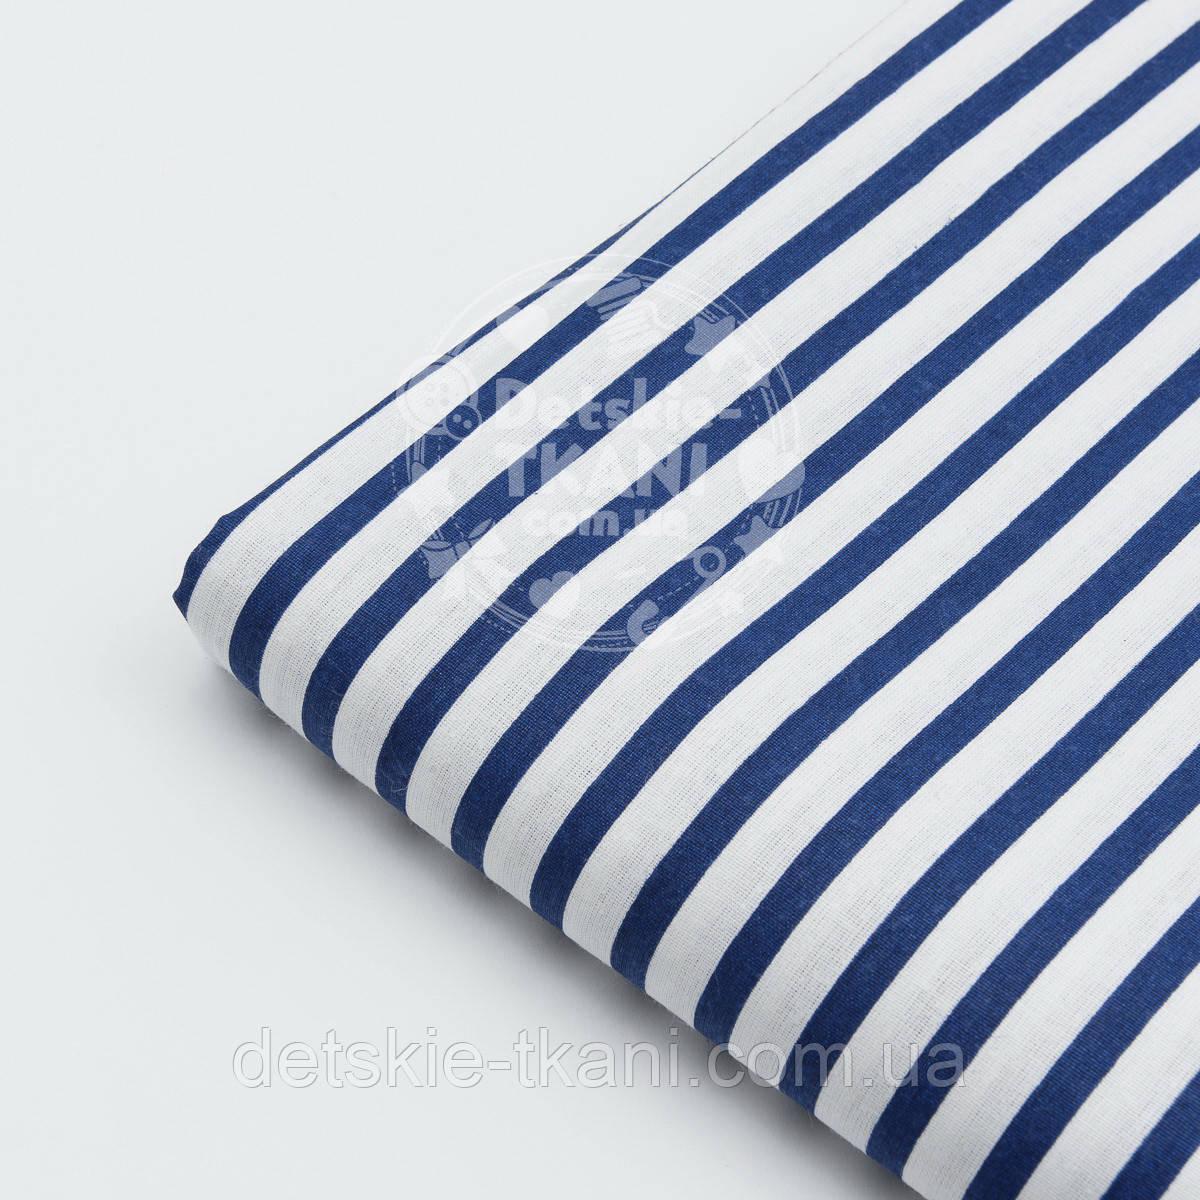 Лоскут ткани №124а с синей полоской 6 мм.